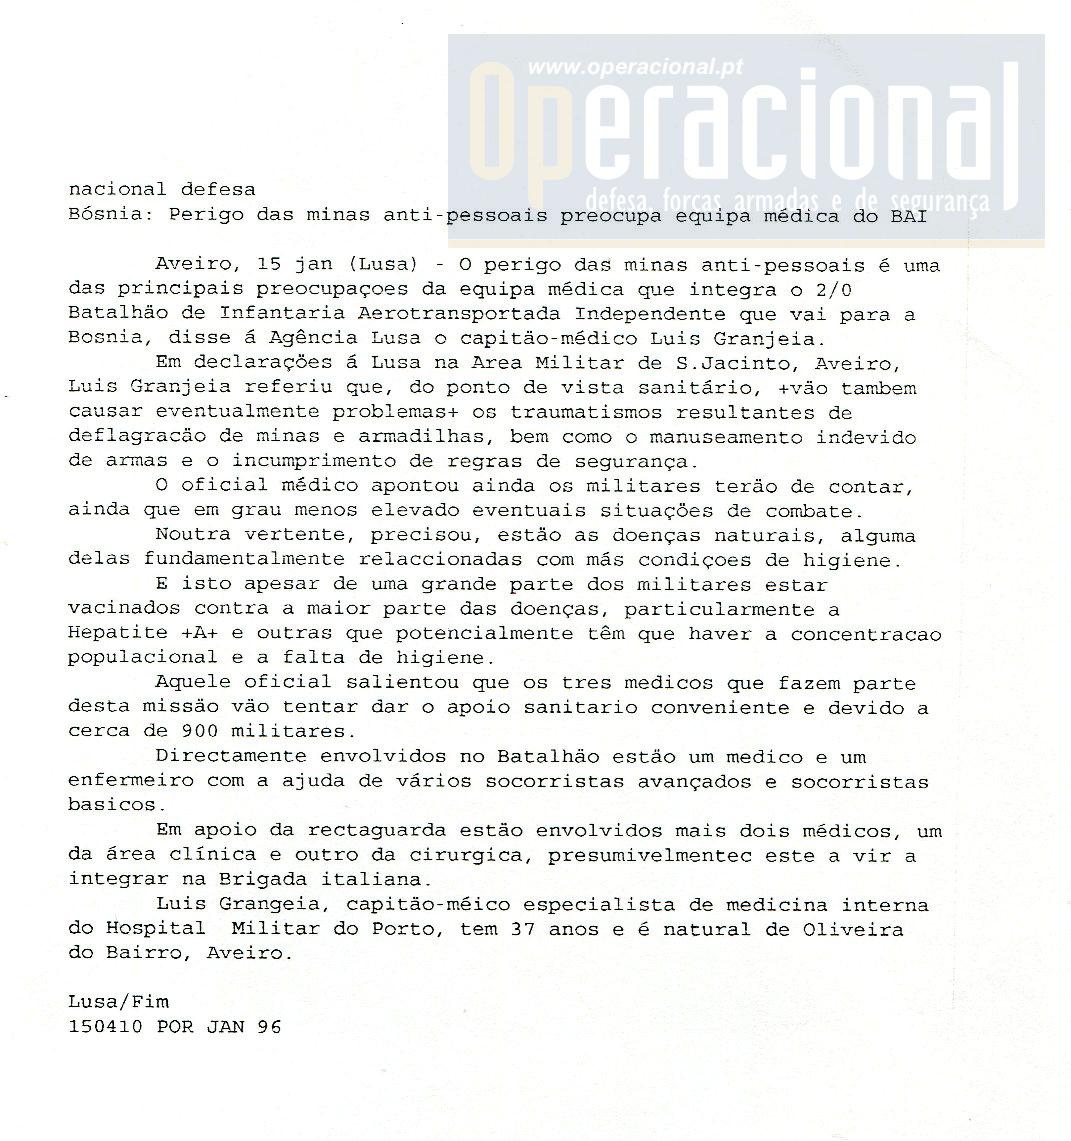 """15JAN96 - """"Agência Lusa"""""""